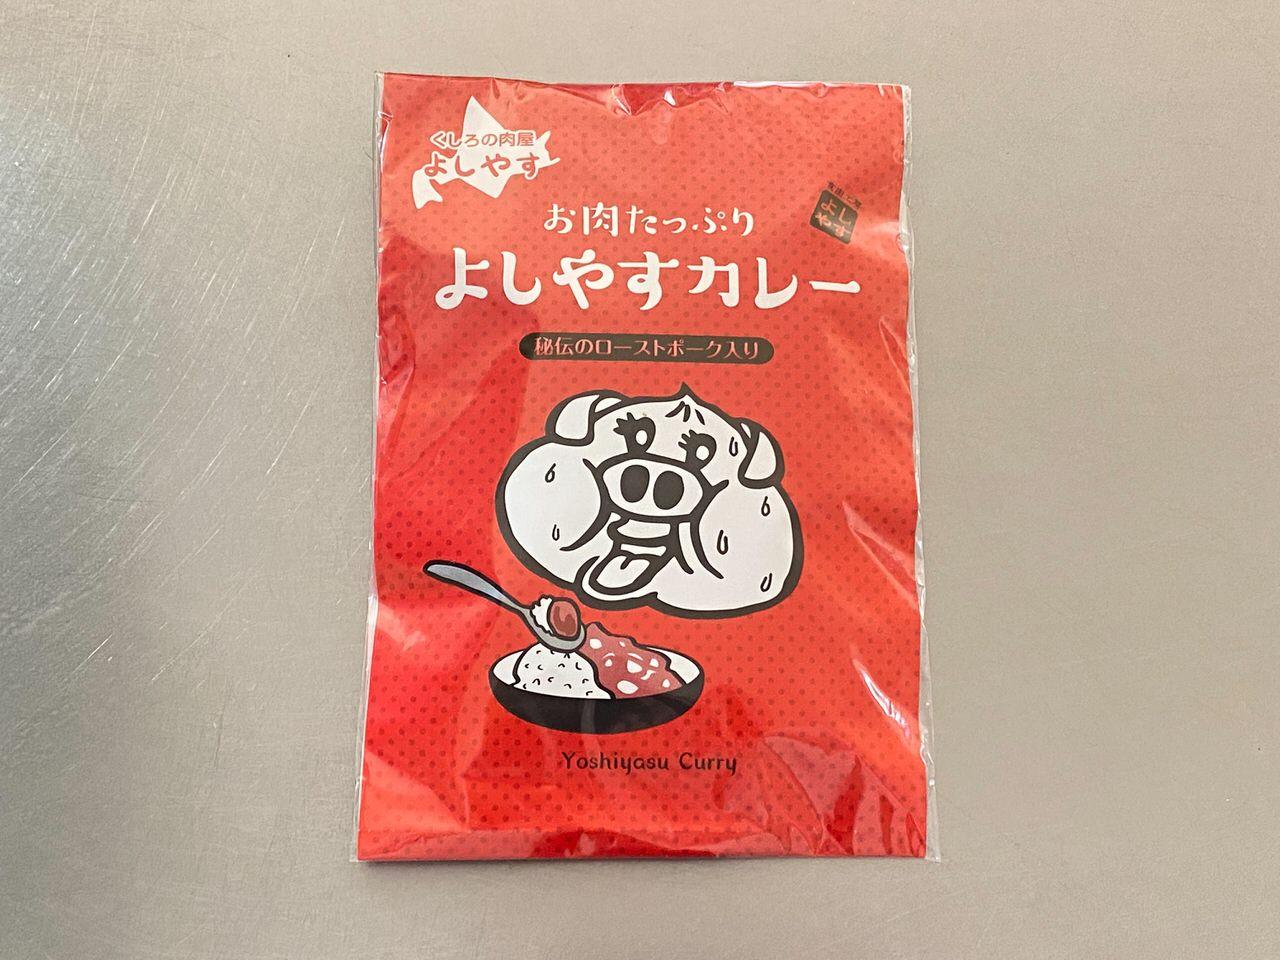 Yoshiyasu curry regular 202102 1